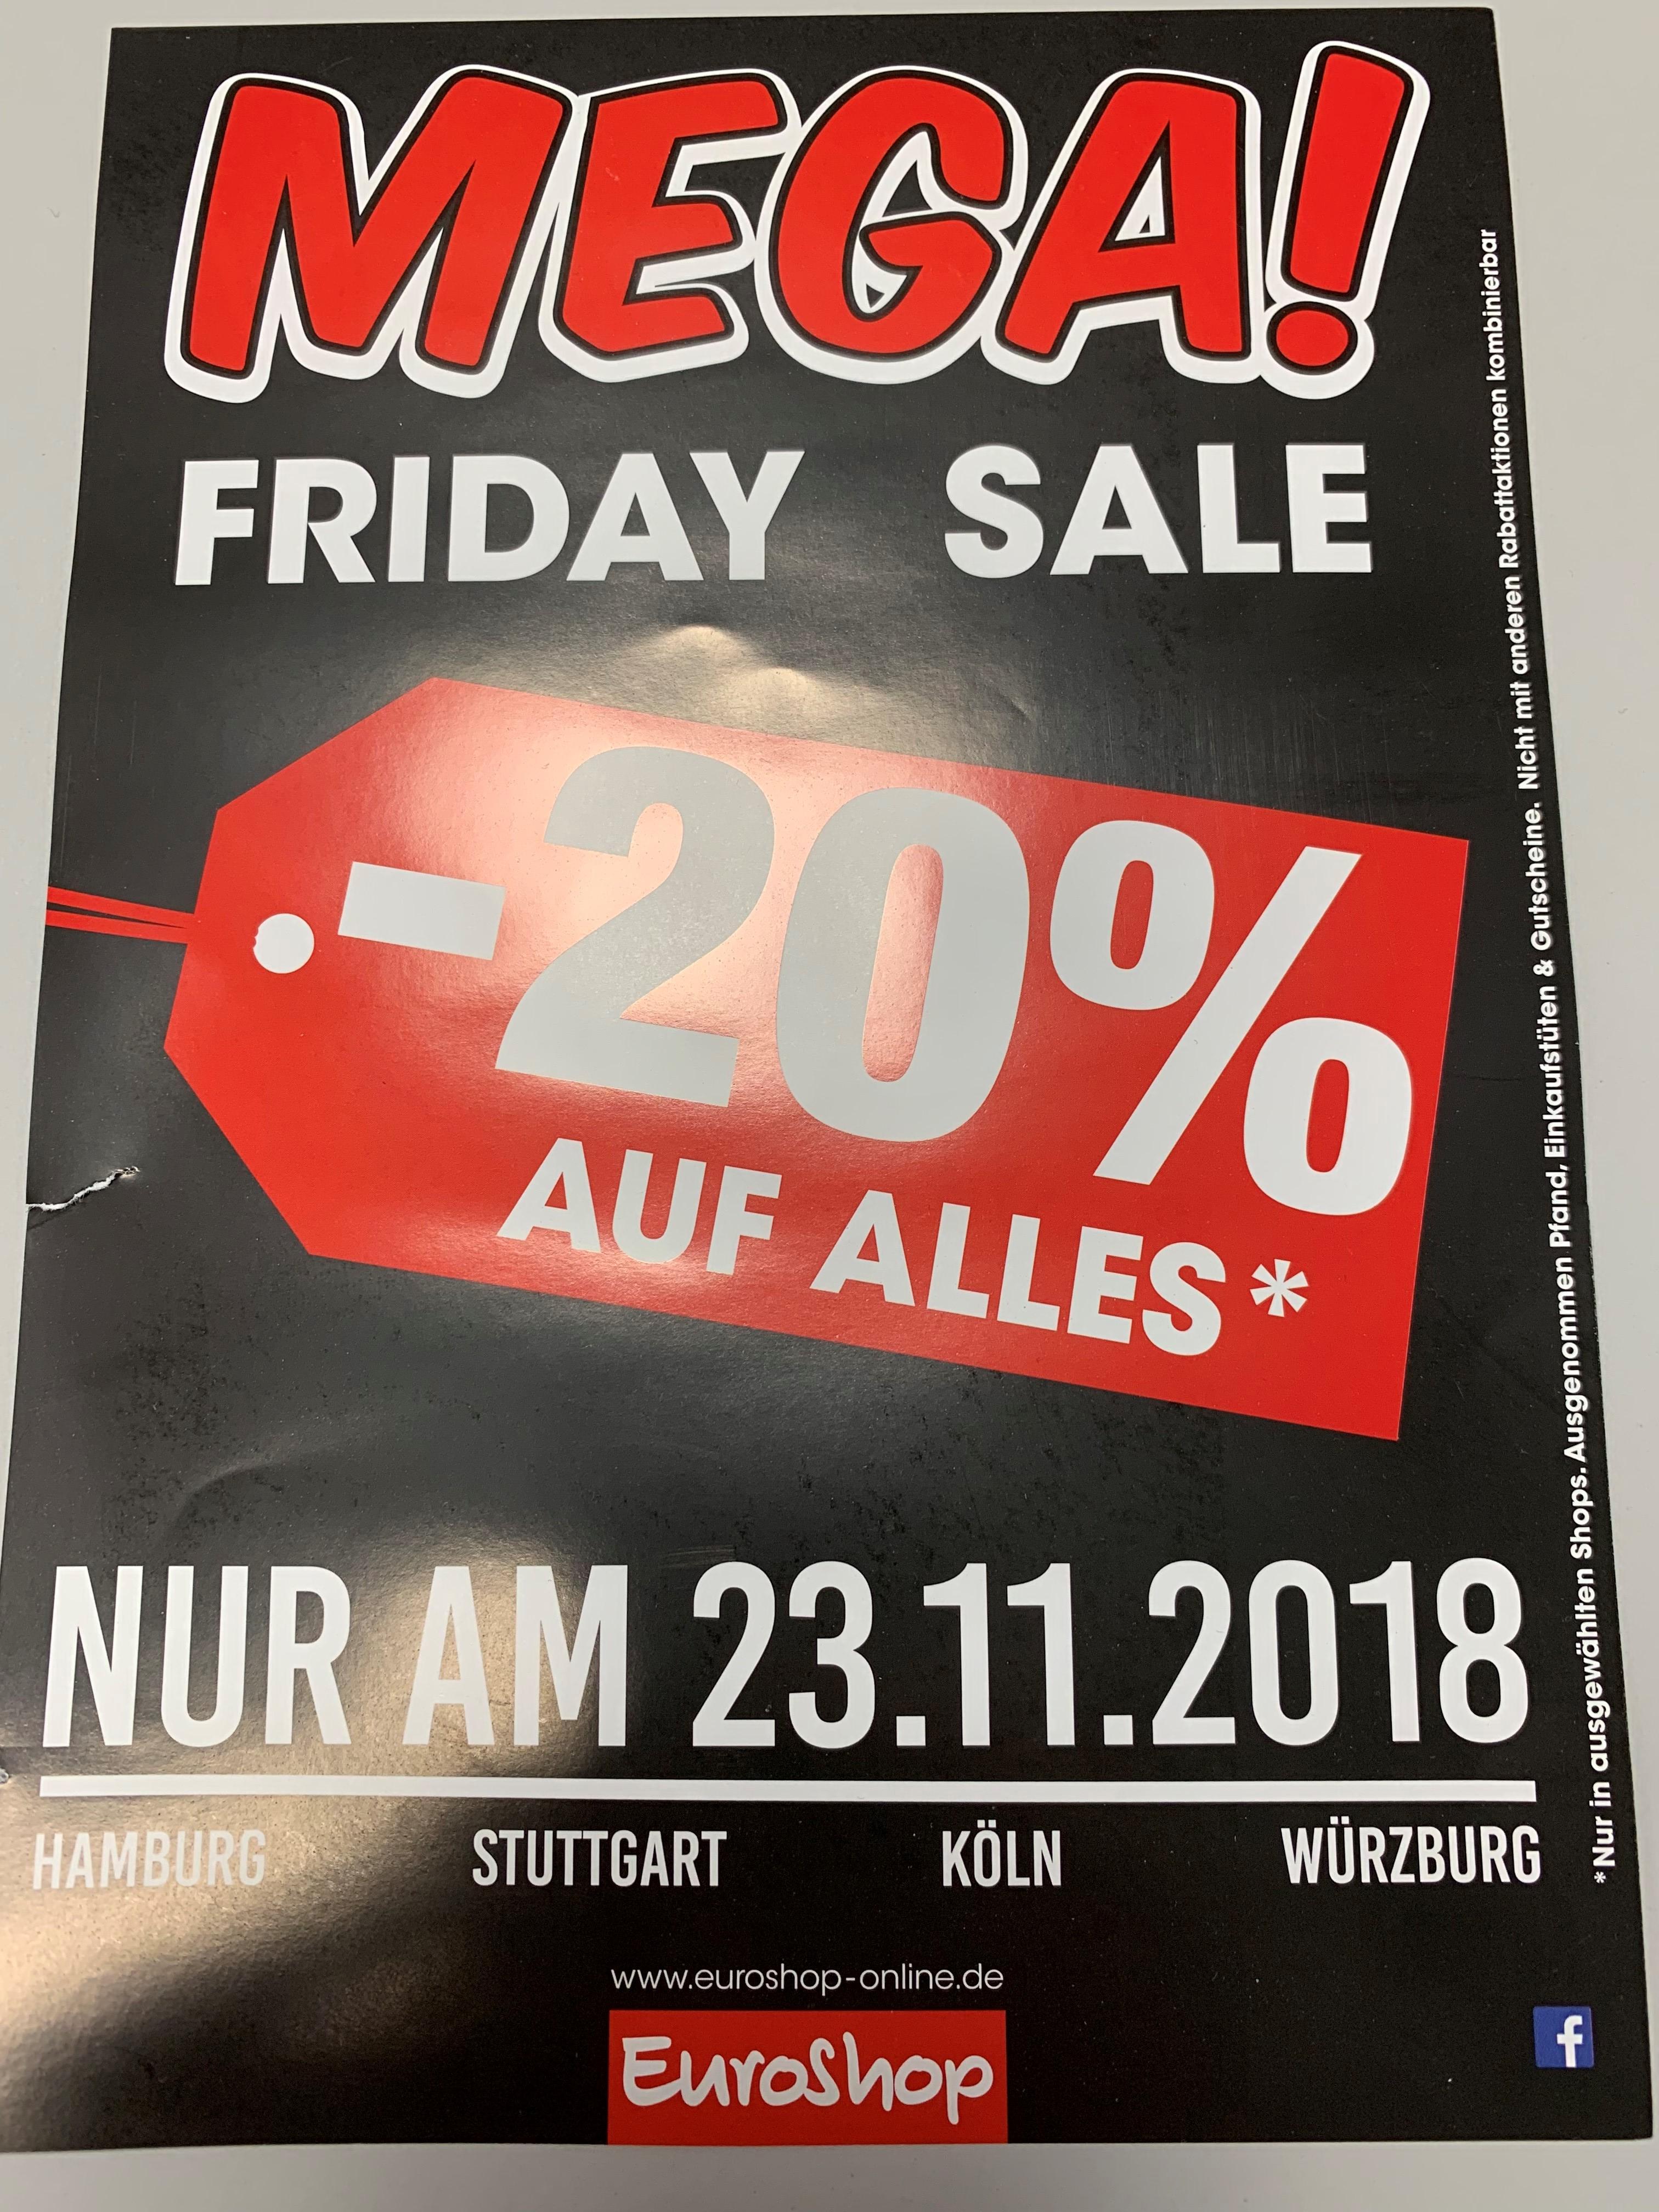 23.11.2018 EuroShop lokal - 20% auf Alles*